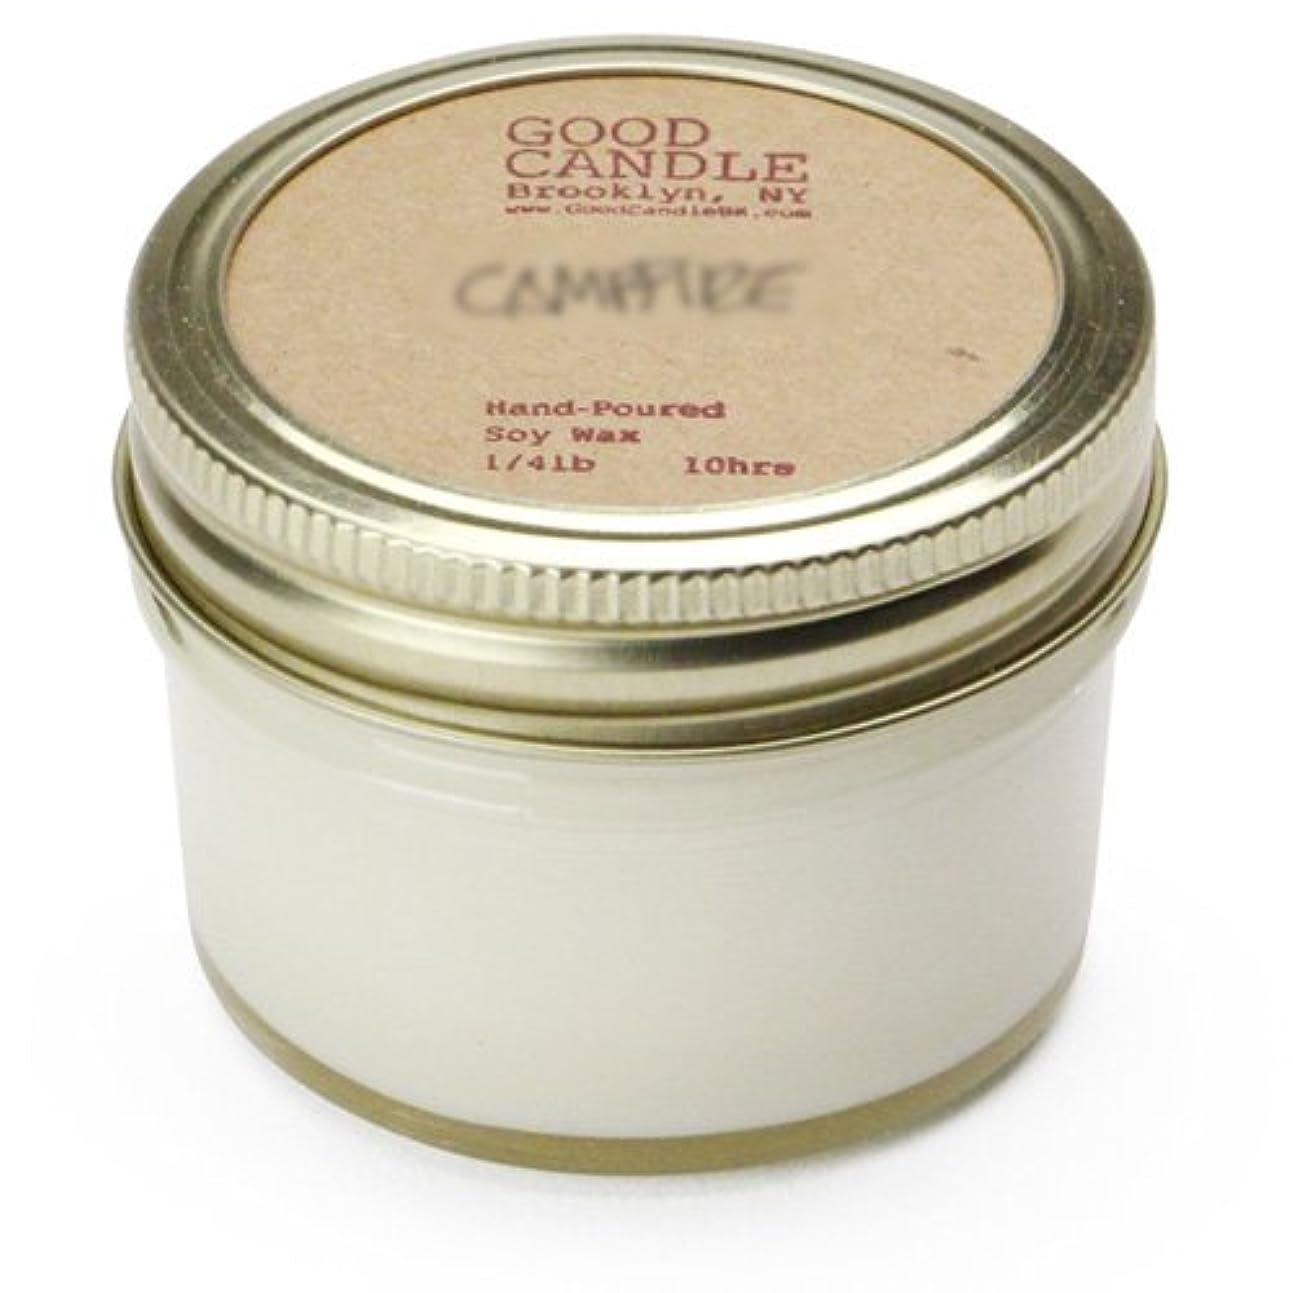 お誕生日シーン戻るグッドキャンドル 1/4ポンド ゼリージャー キャンドル Good Candle 1/4LB Jelly jar candle [ Basil ] 正規品